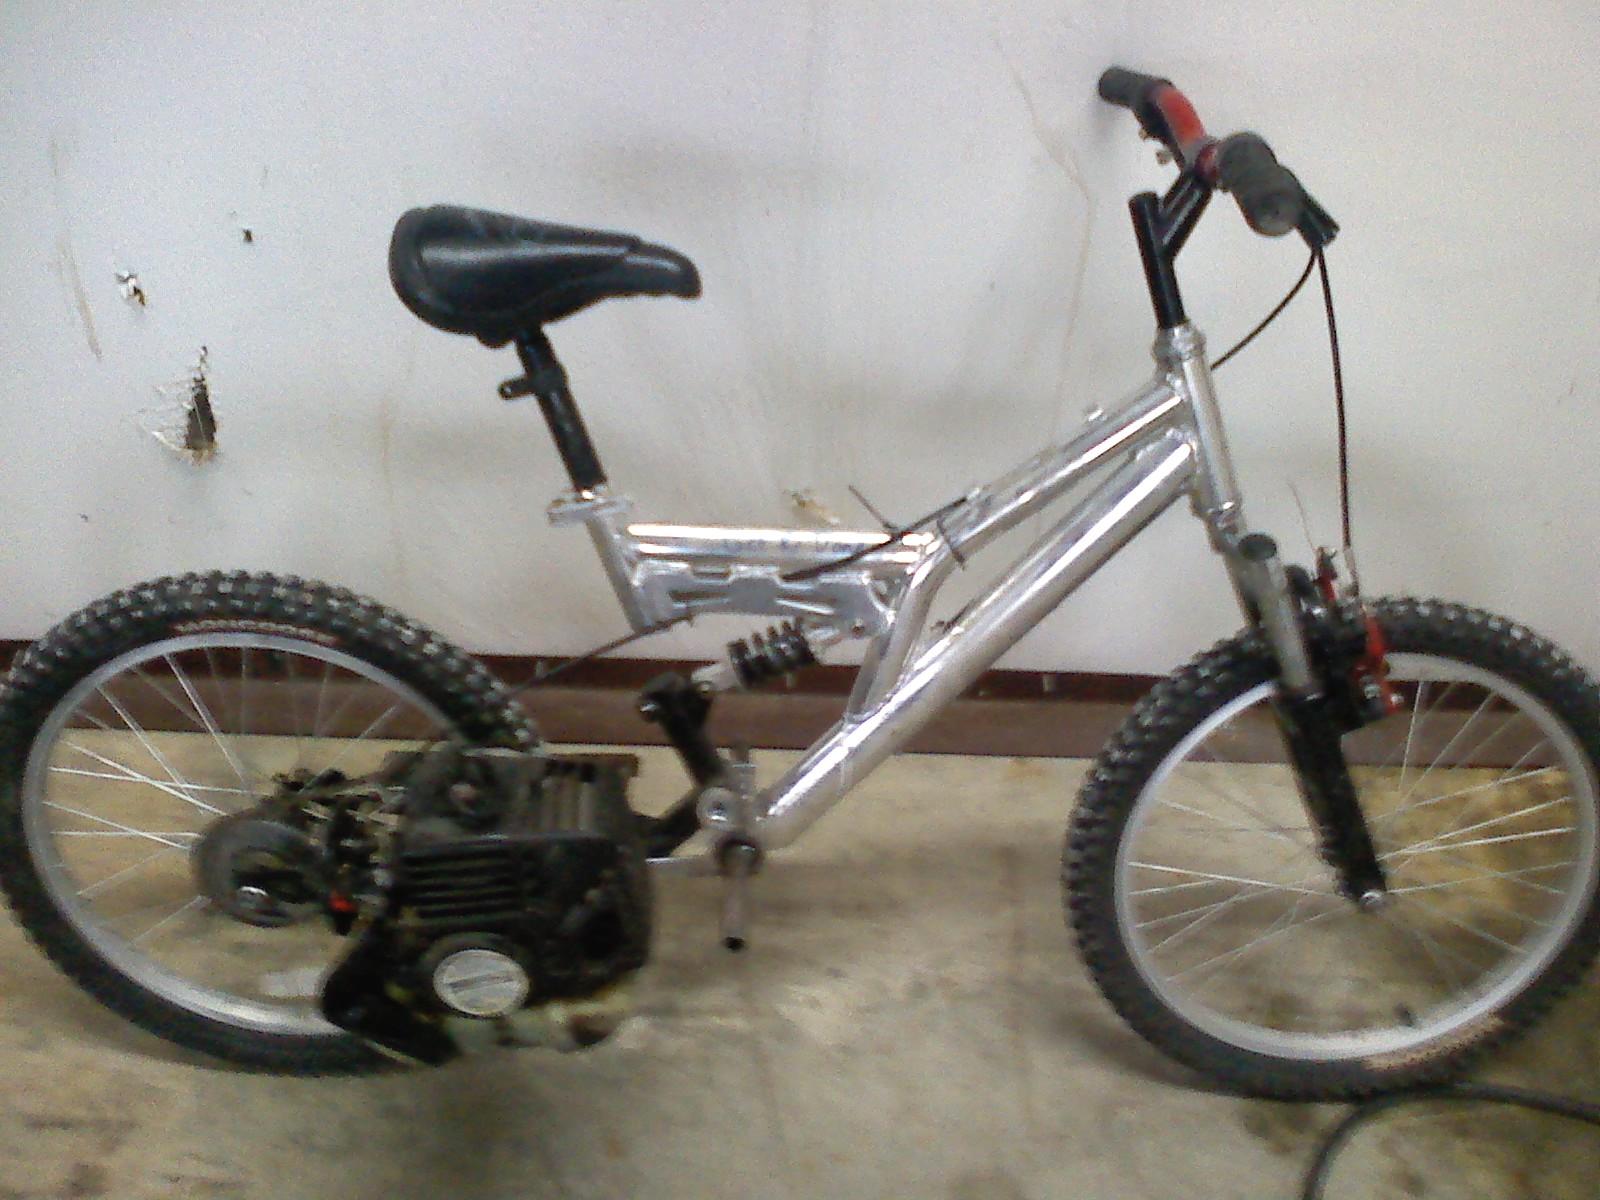 Motorized Moutainbike